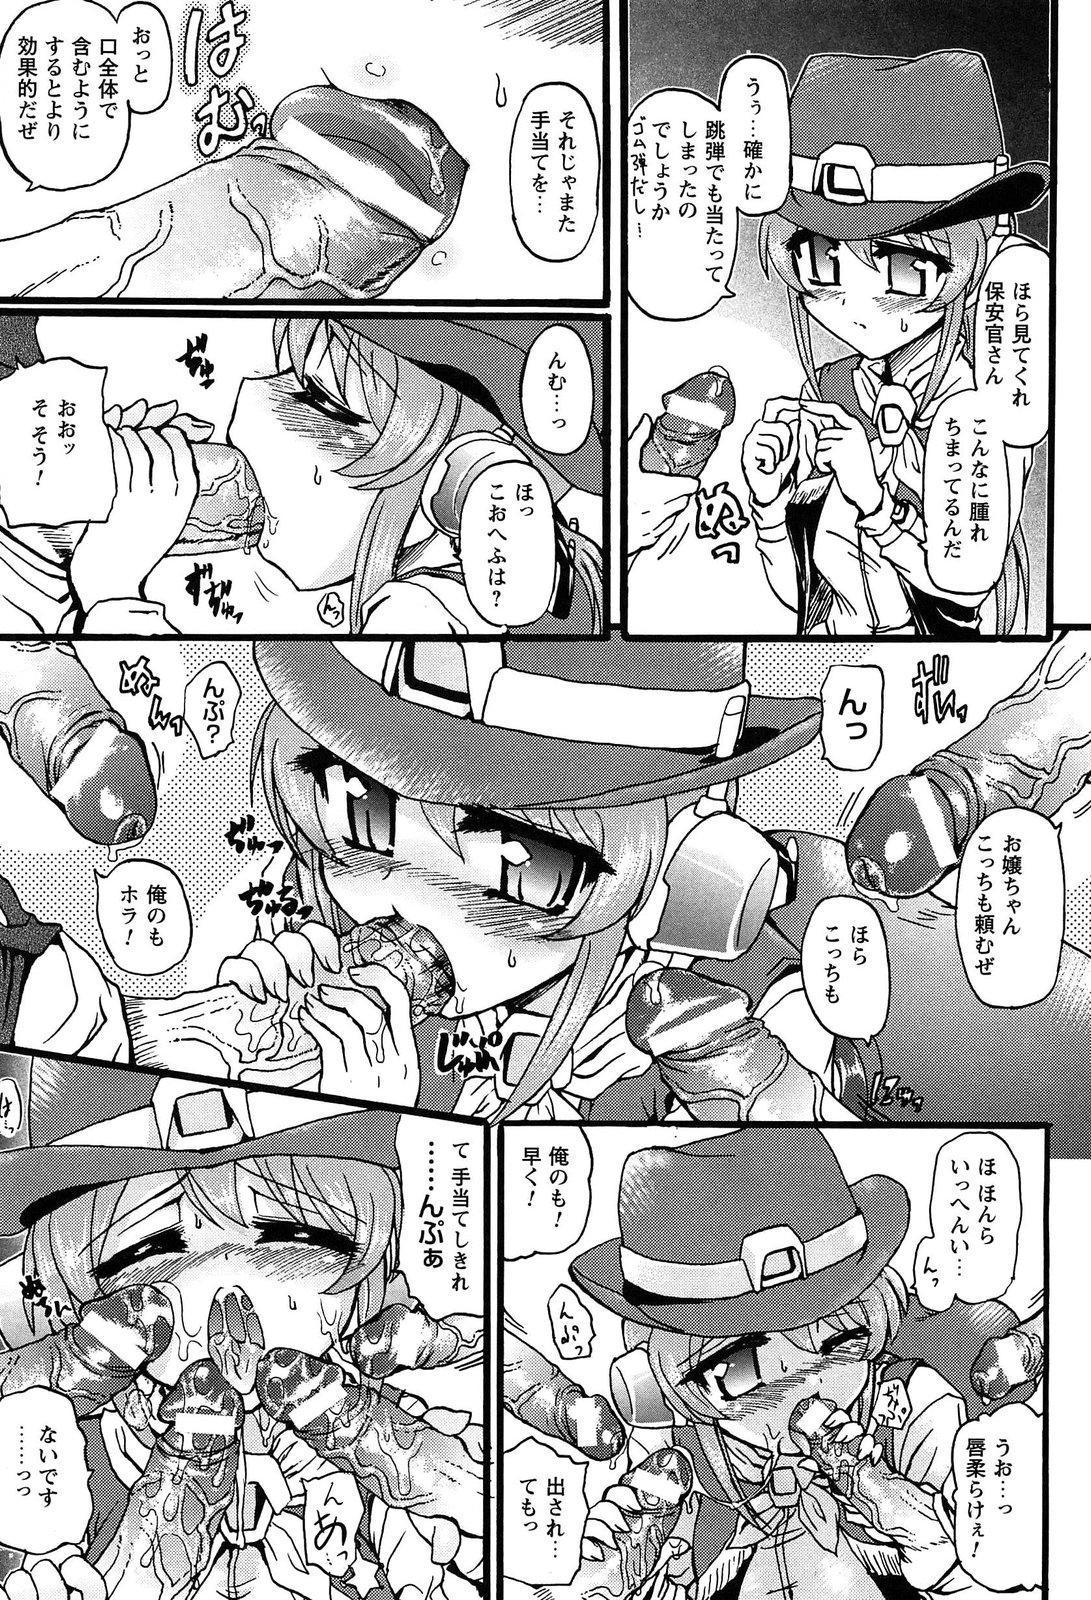 Eroge o Tsukurou! Genteiban - Let's develop the adult game together 186